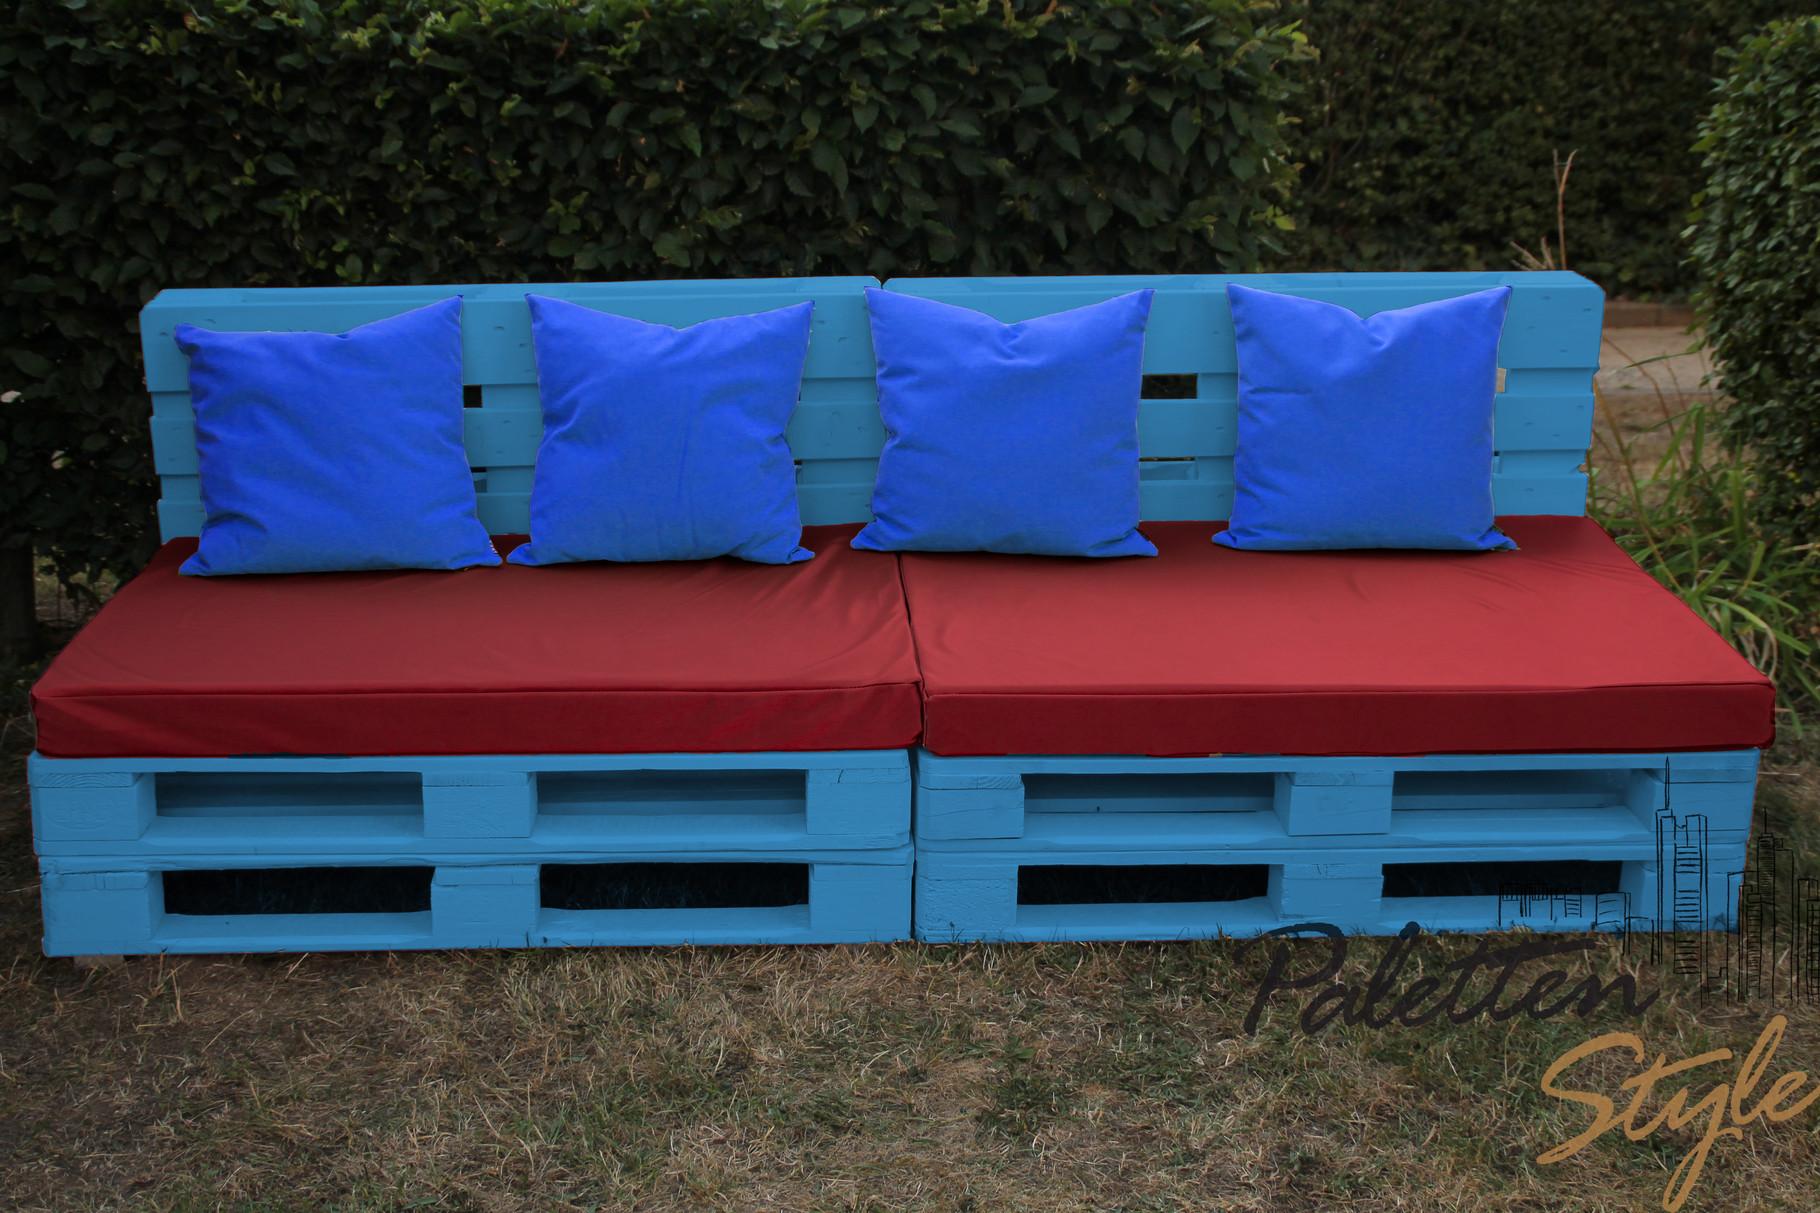 wundersch ne m bel aus europaletten bilder erindzain. Black Bedroom Furniture Sets. Home Design Ideas